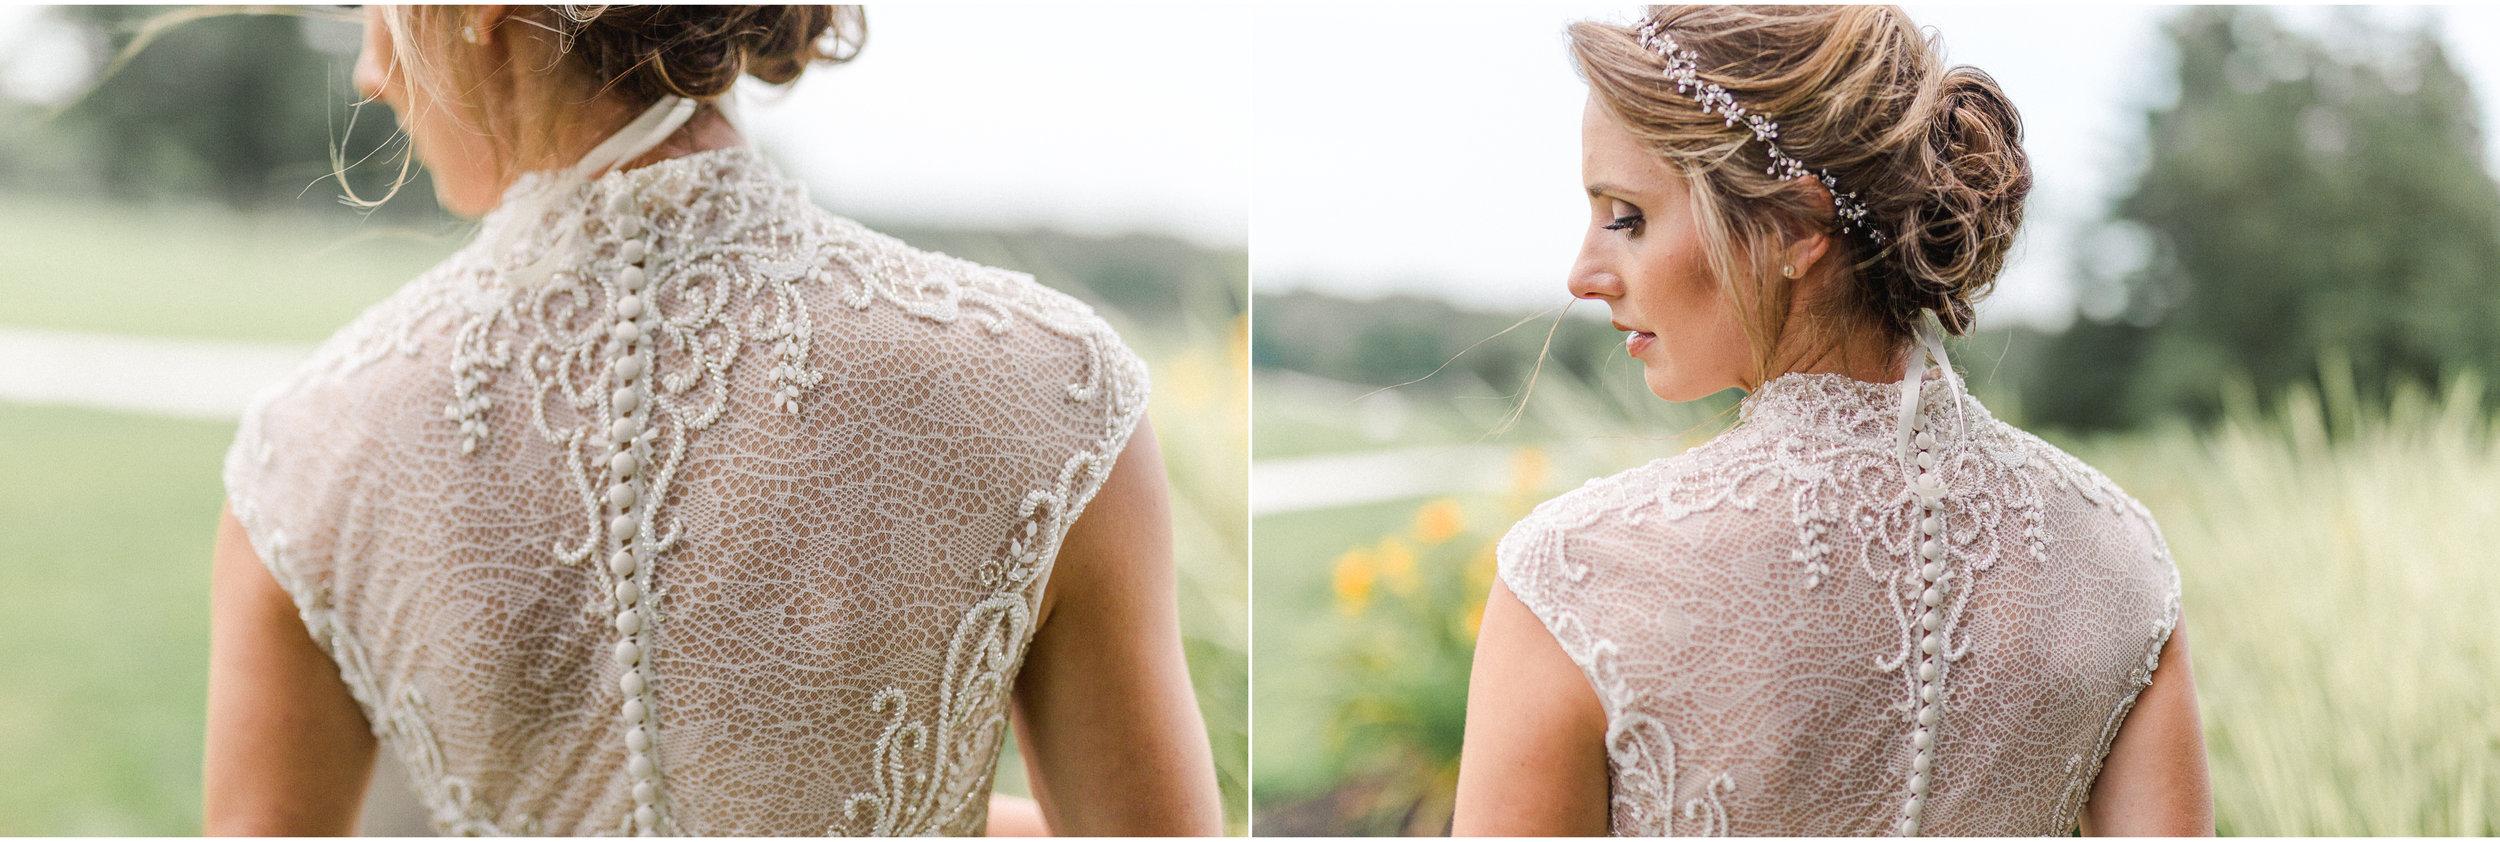 Elegant Wedding Shoot in Sharon, Massachusetts 35.jpg